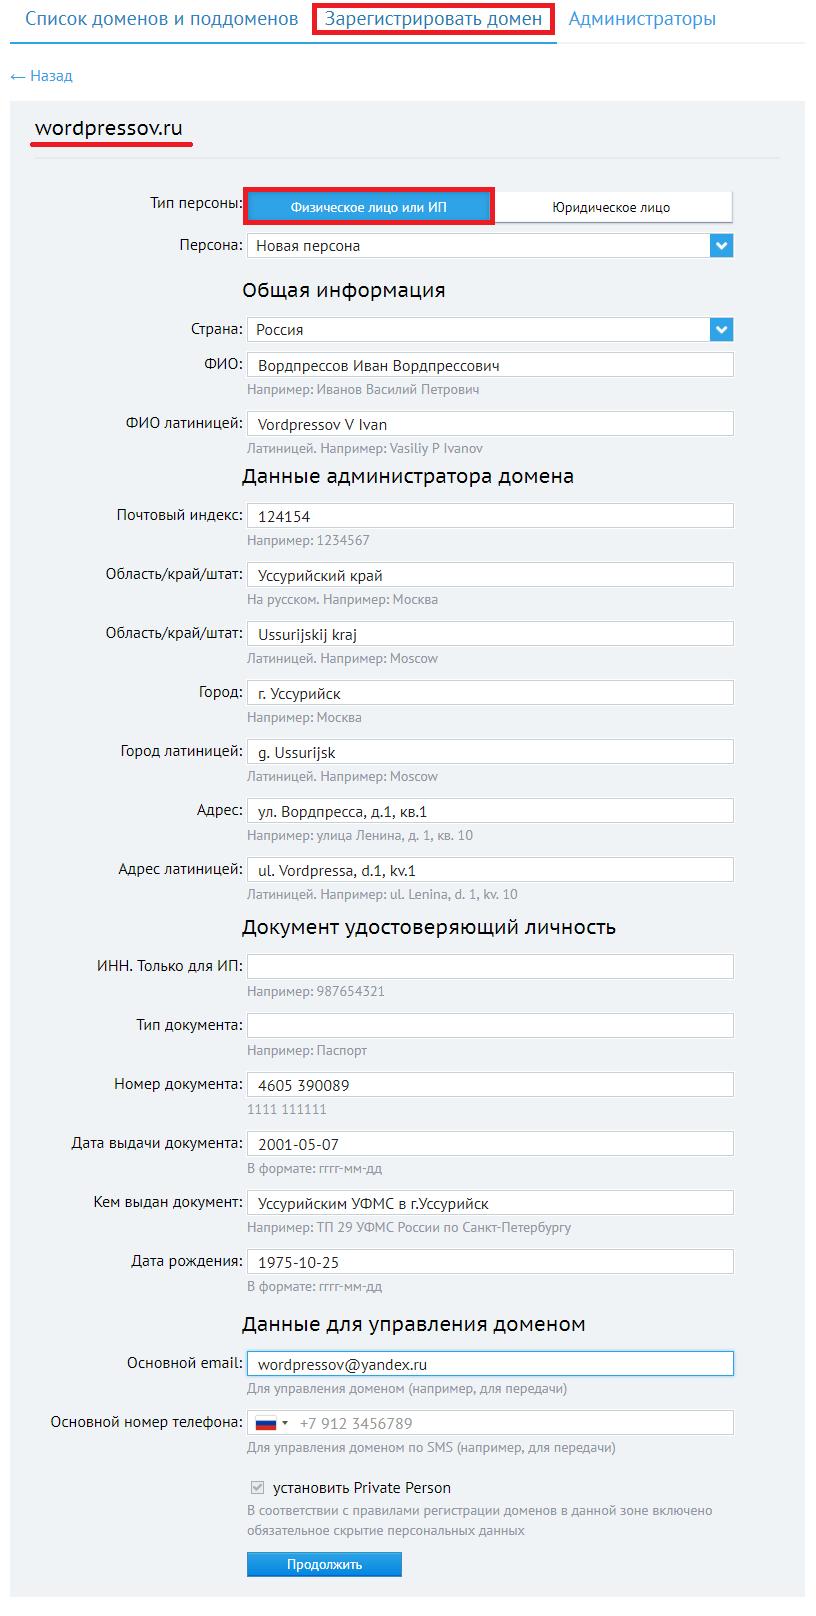 После пополнения счета необходимо еще раз вбить наименование сайта (домен) и заполнить анкету